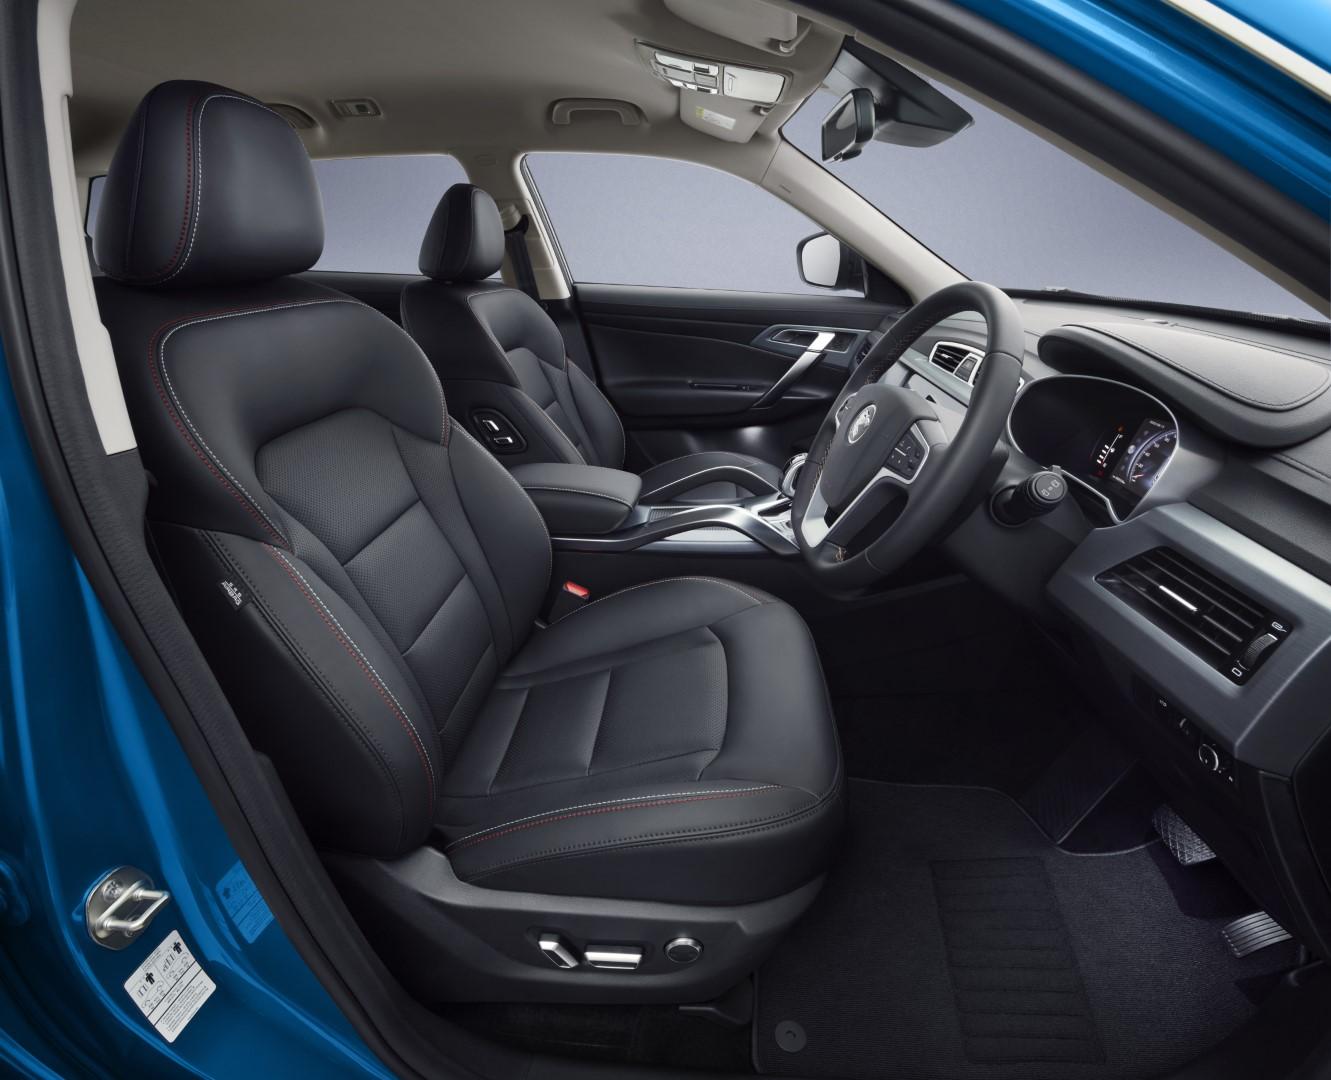 Proton X70 SE seats